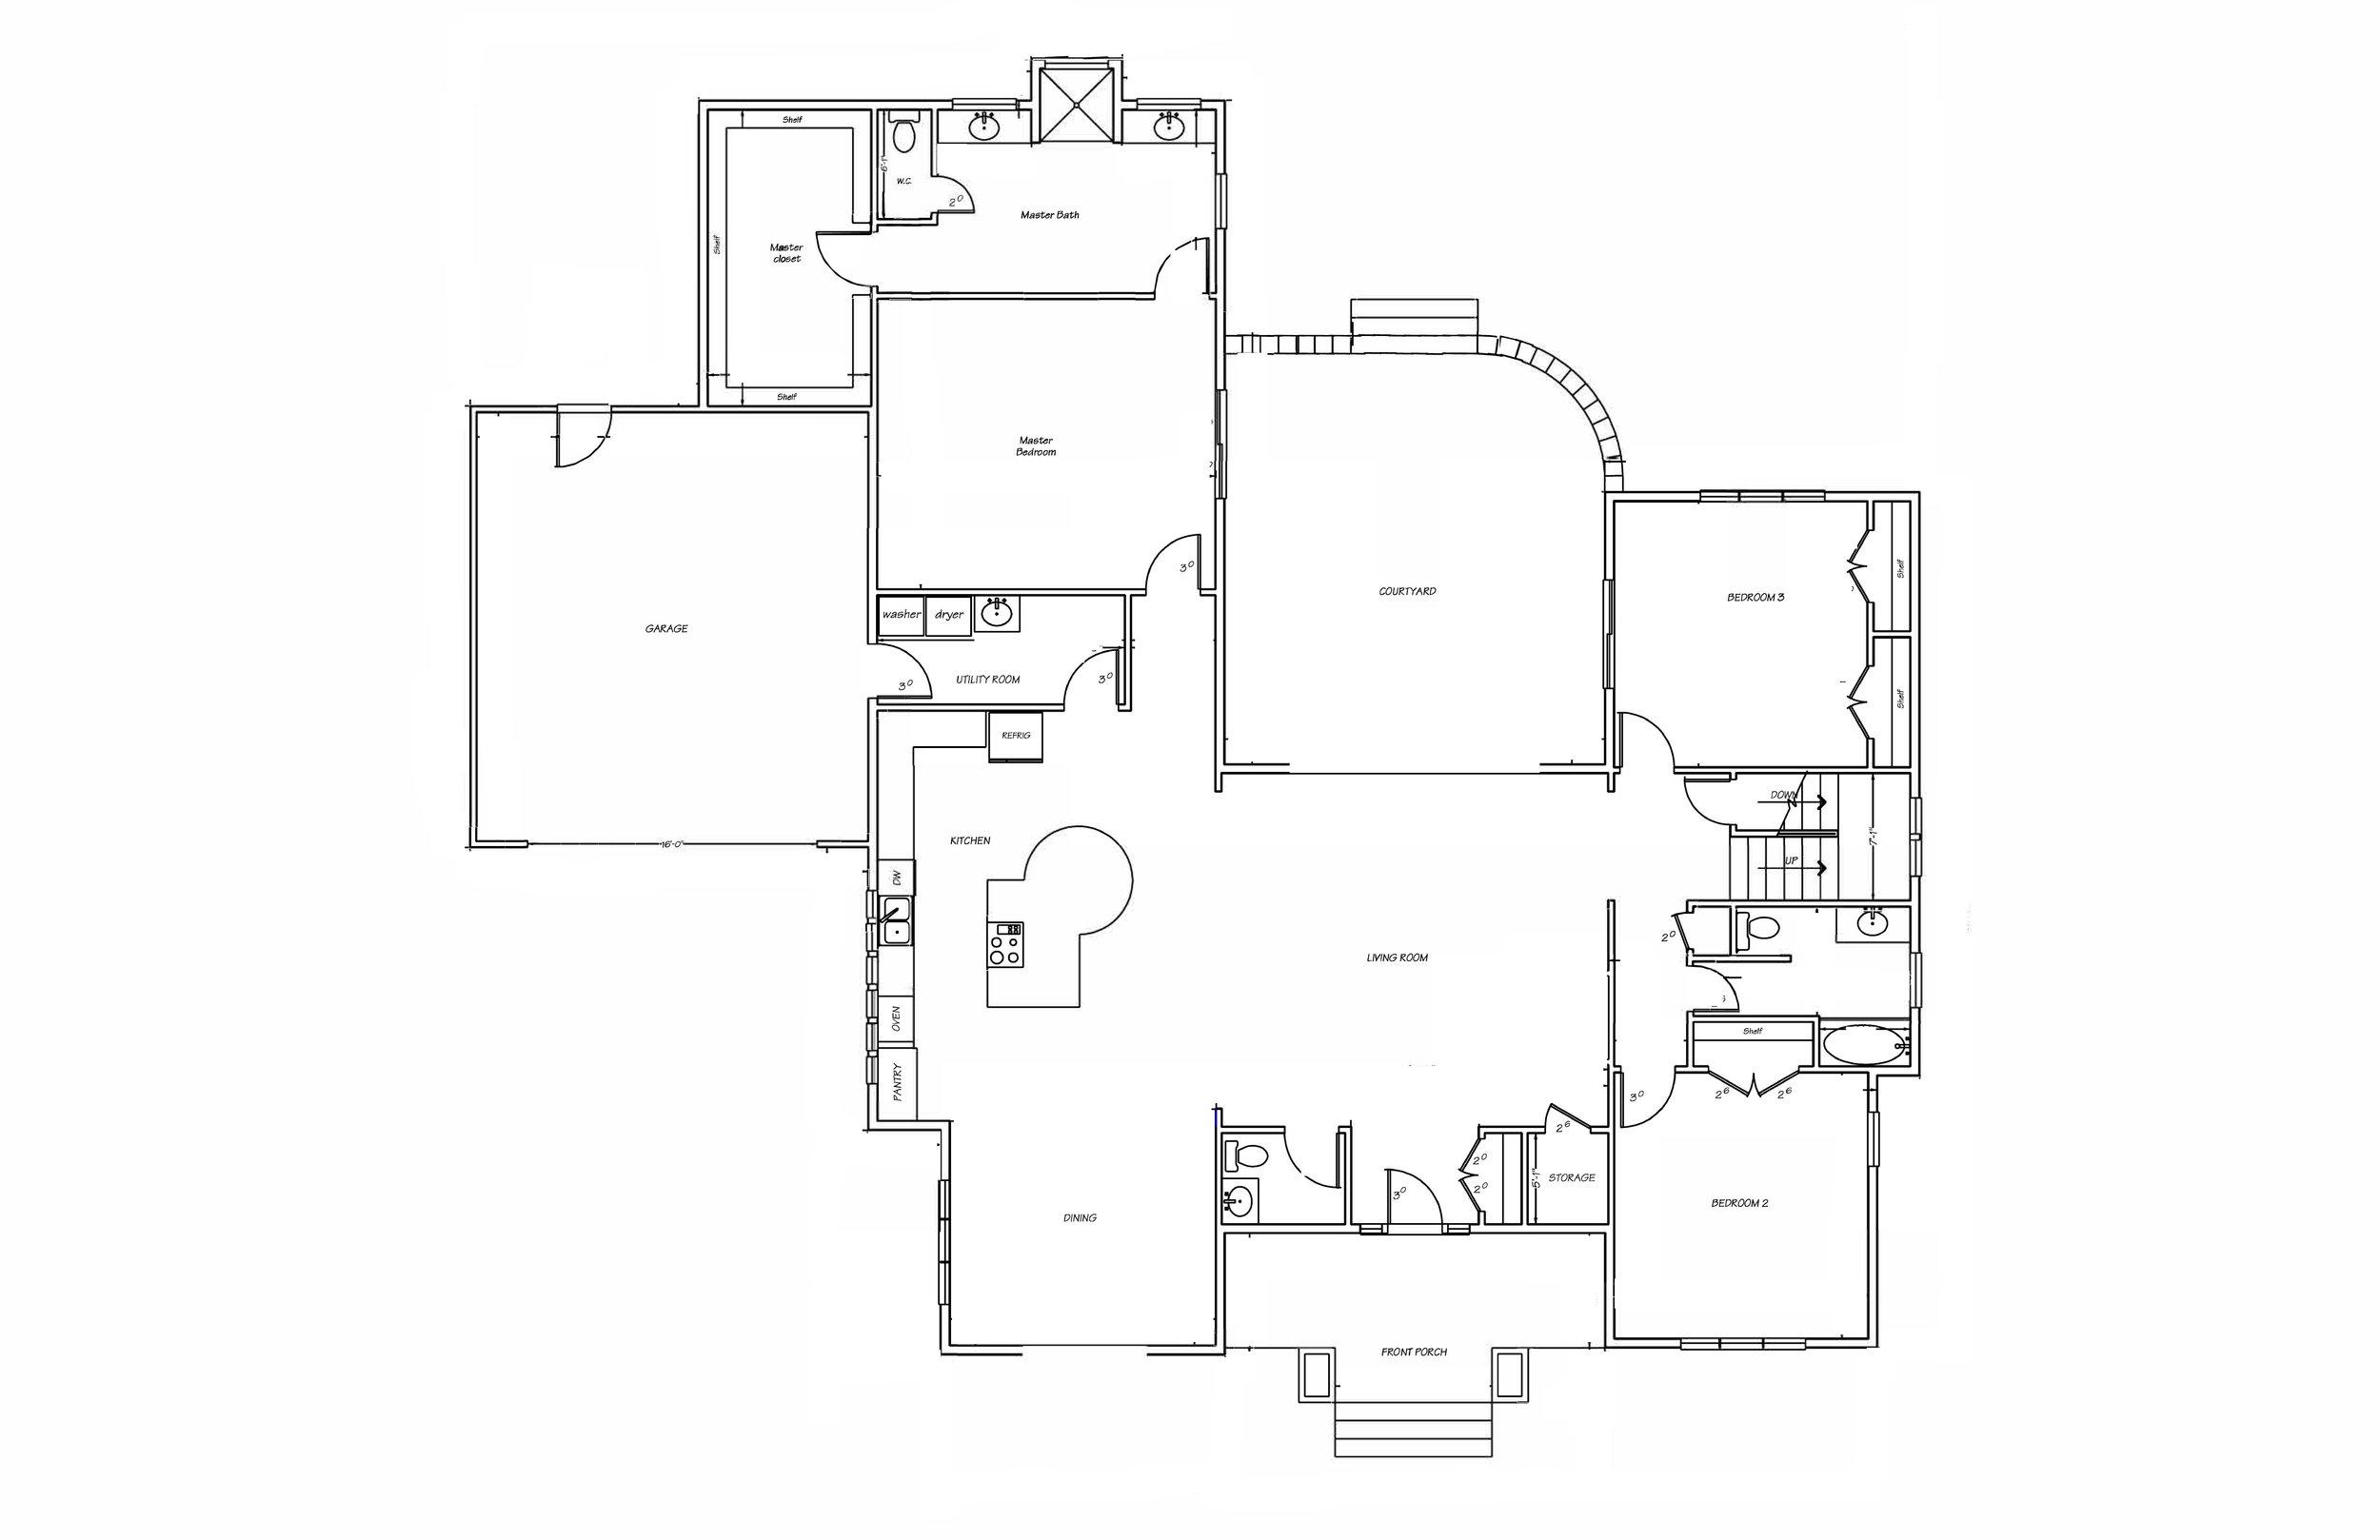 tweed floor plan (first floor only)